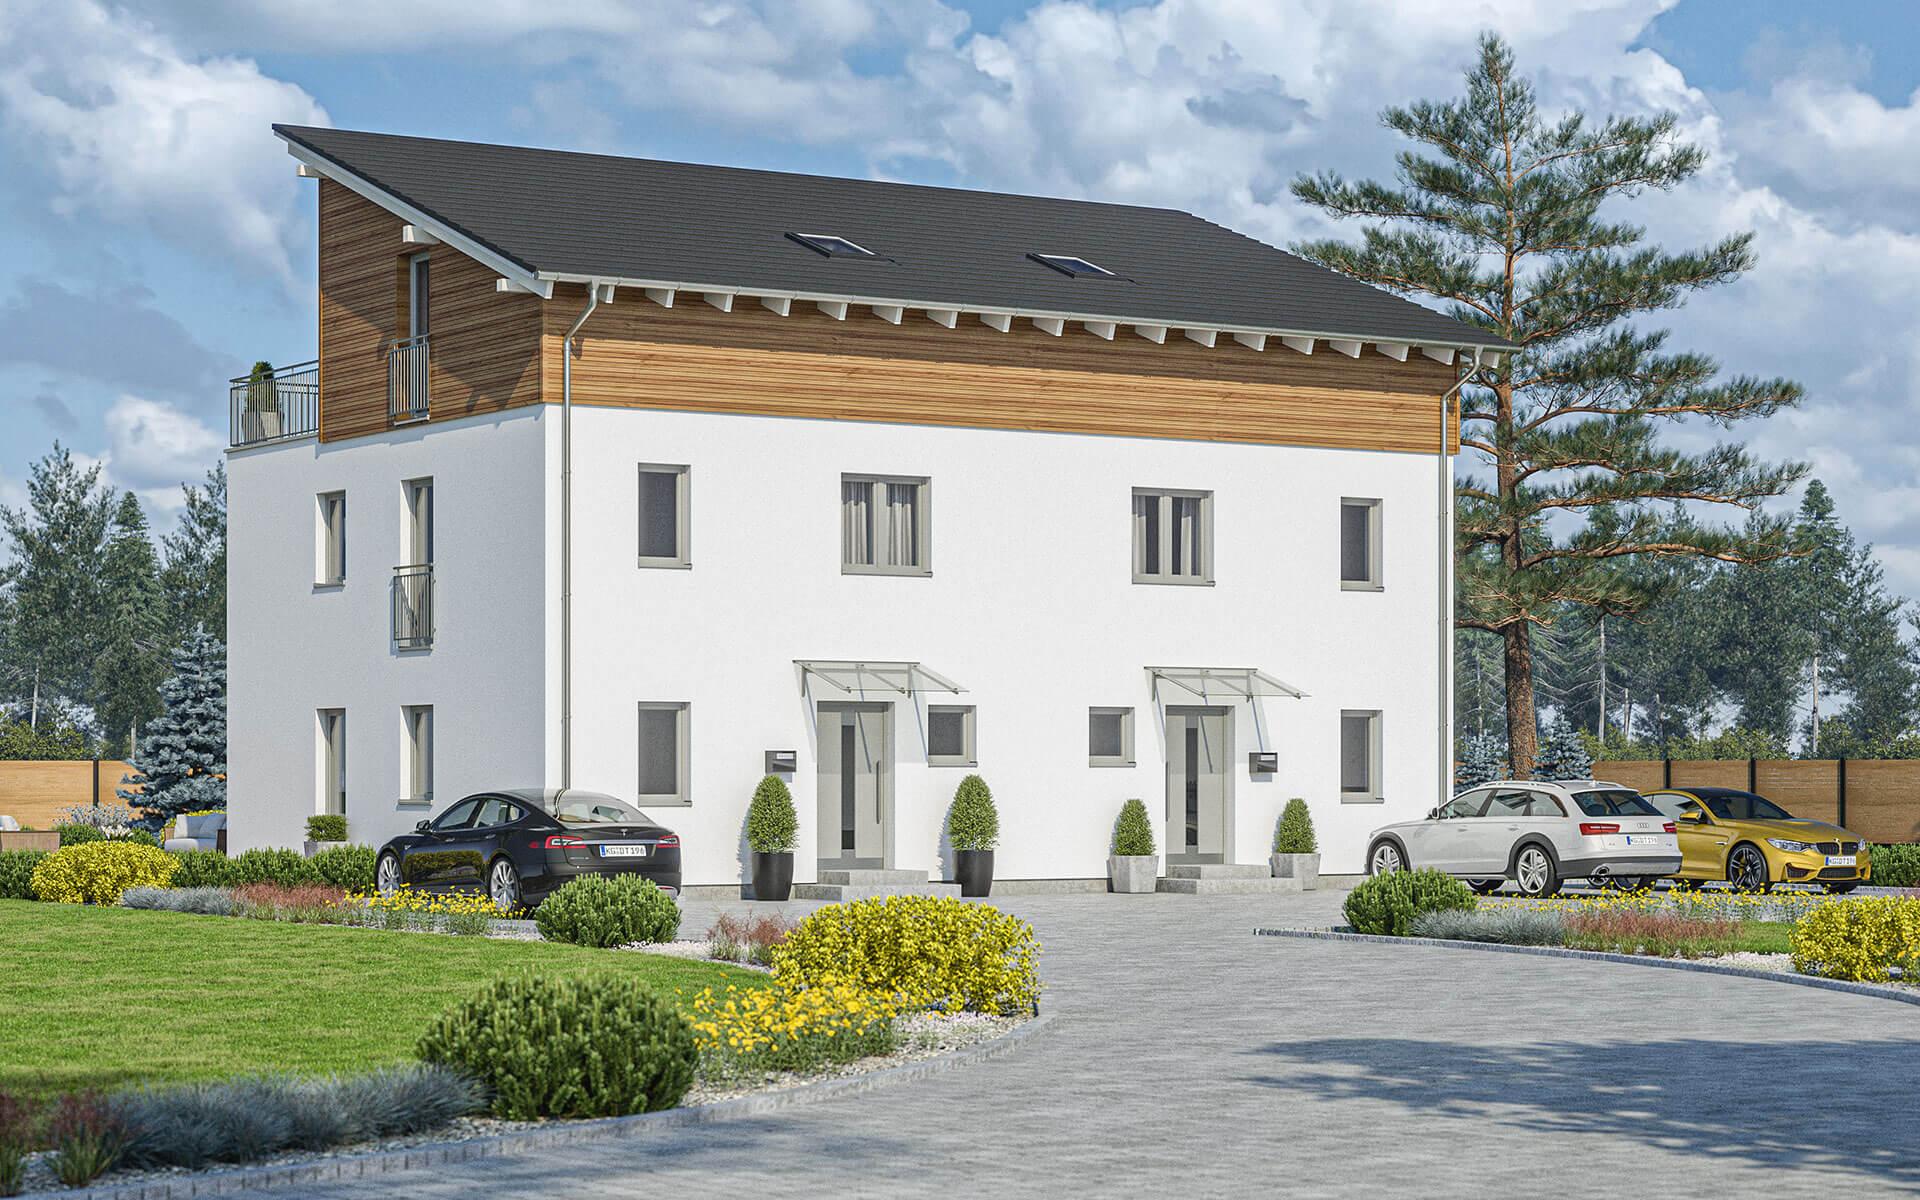 Haas D 112 A von Haas Fertigbau GmbH